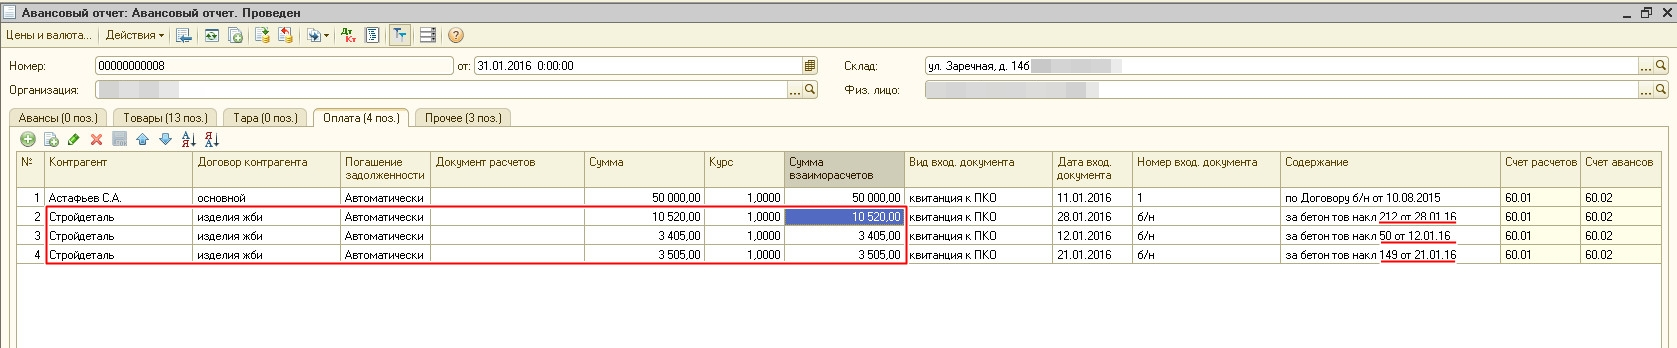 по какому курсу пересчитать стоимость поступивших продуктов в валюте